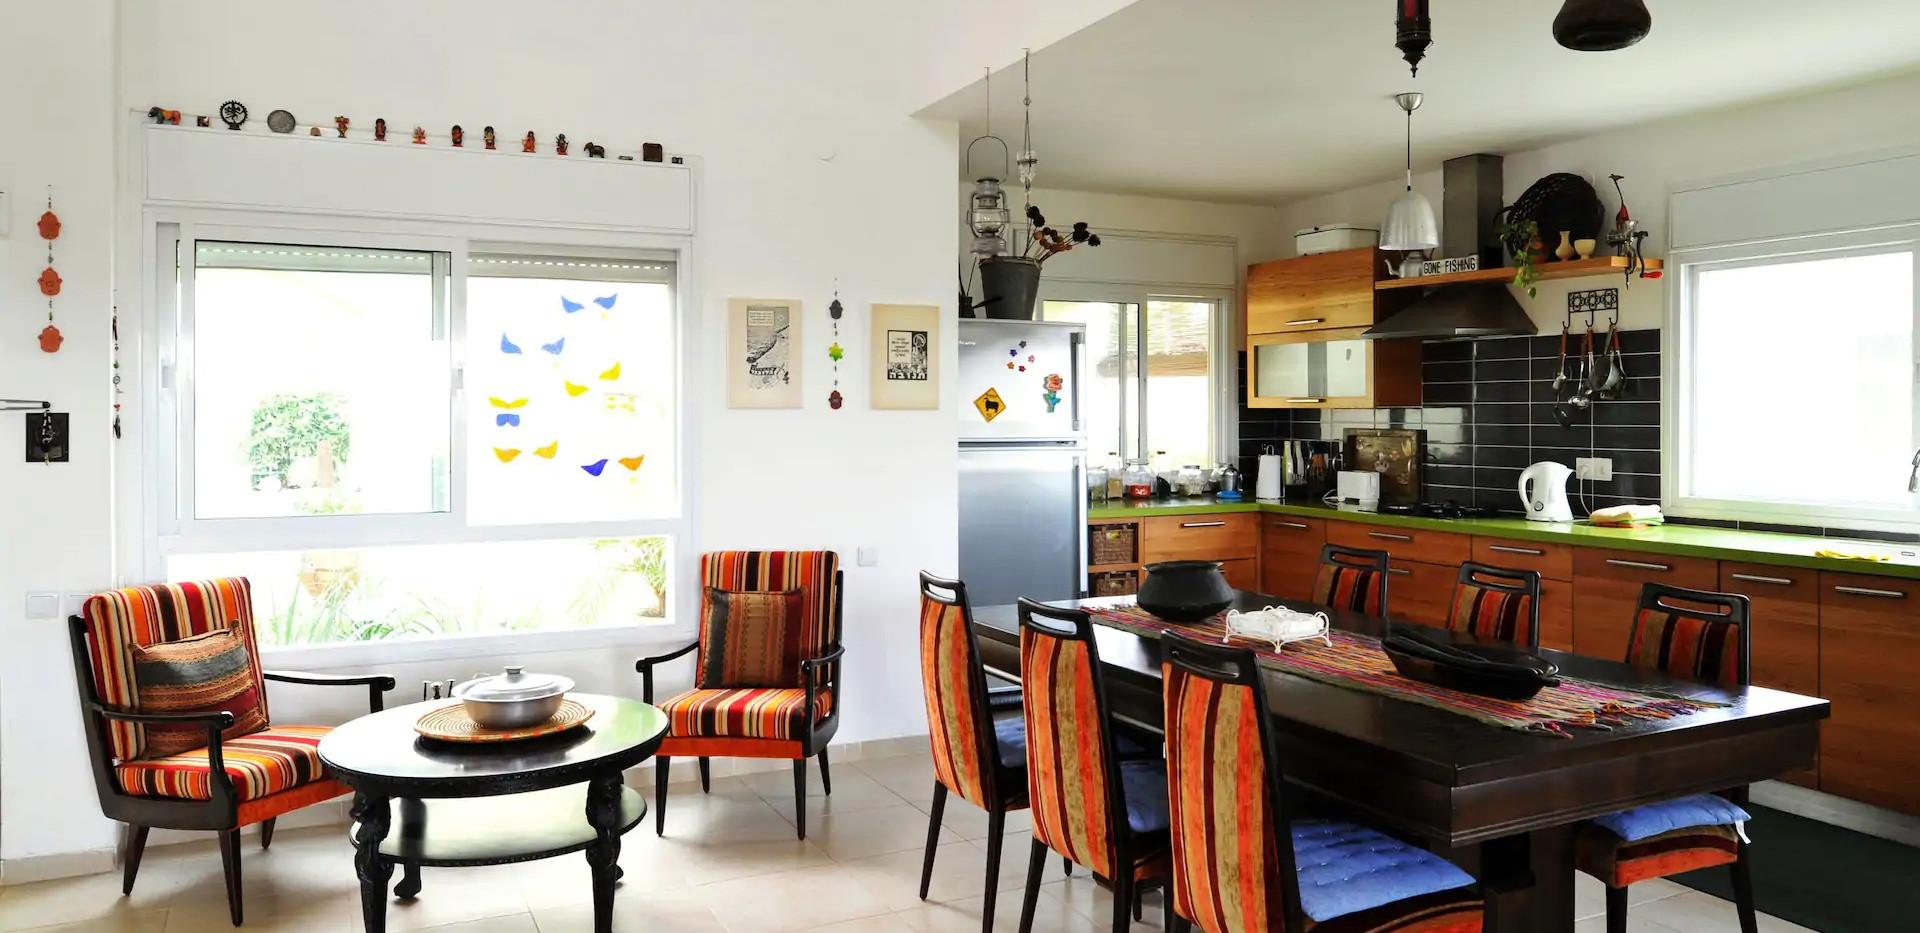 תבור לנד - חלל מגורים,מטבח מקסים,חפצי וינטג' מרתקים. Tabor Land-The living space,with vintage items and stories